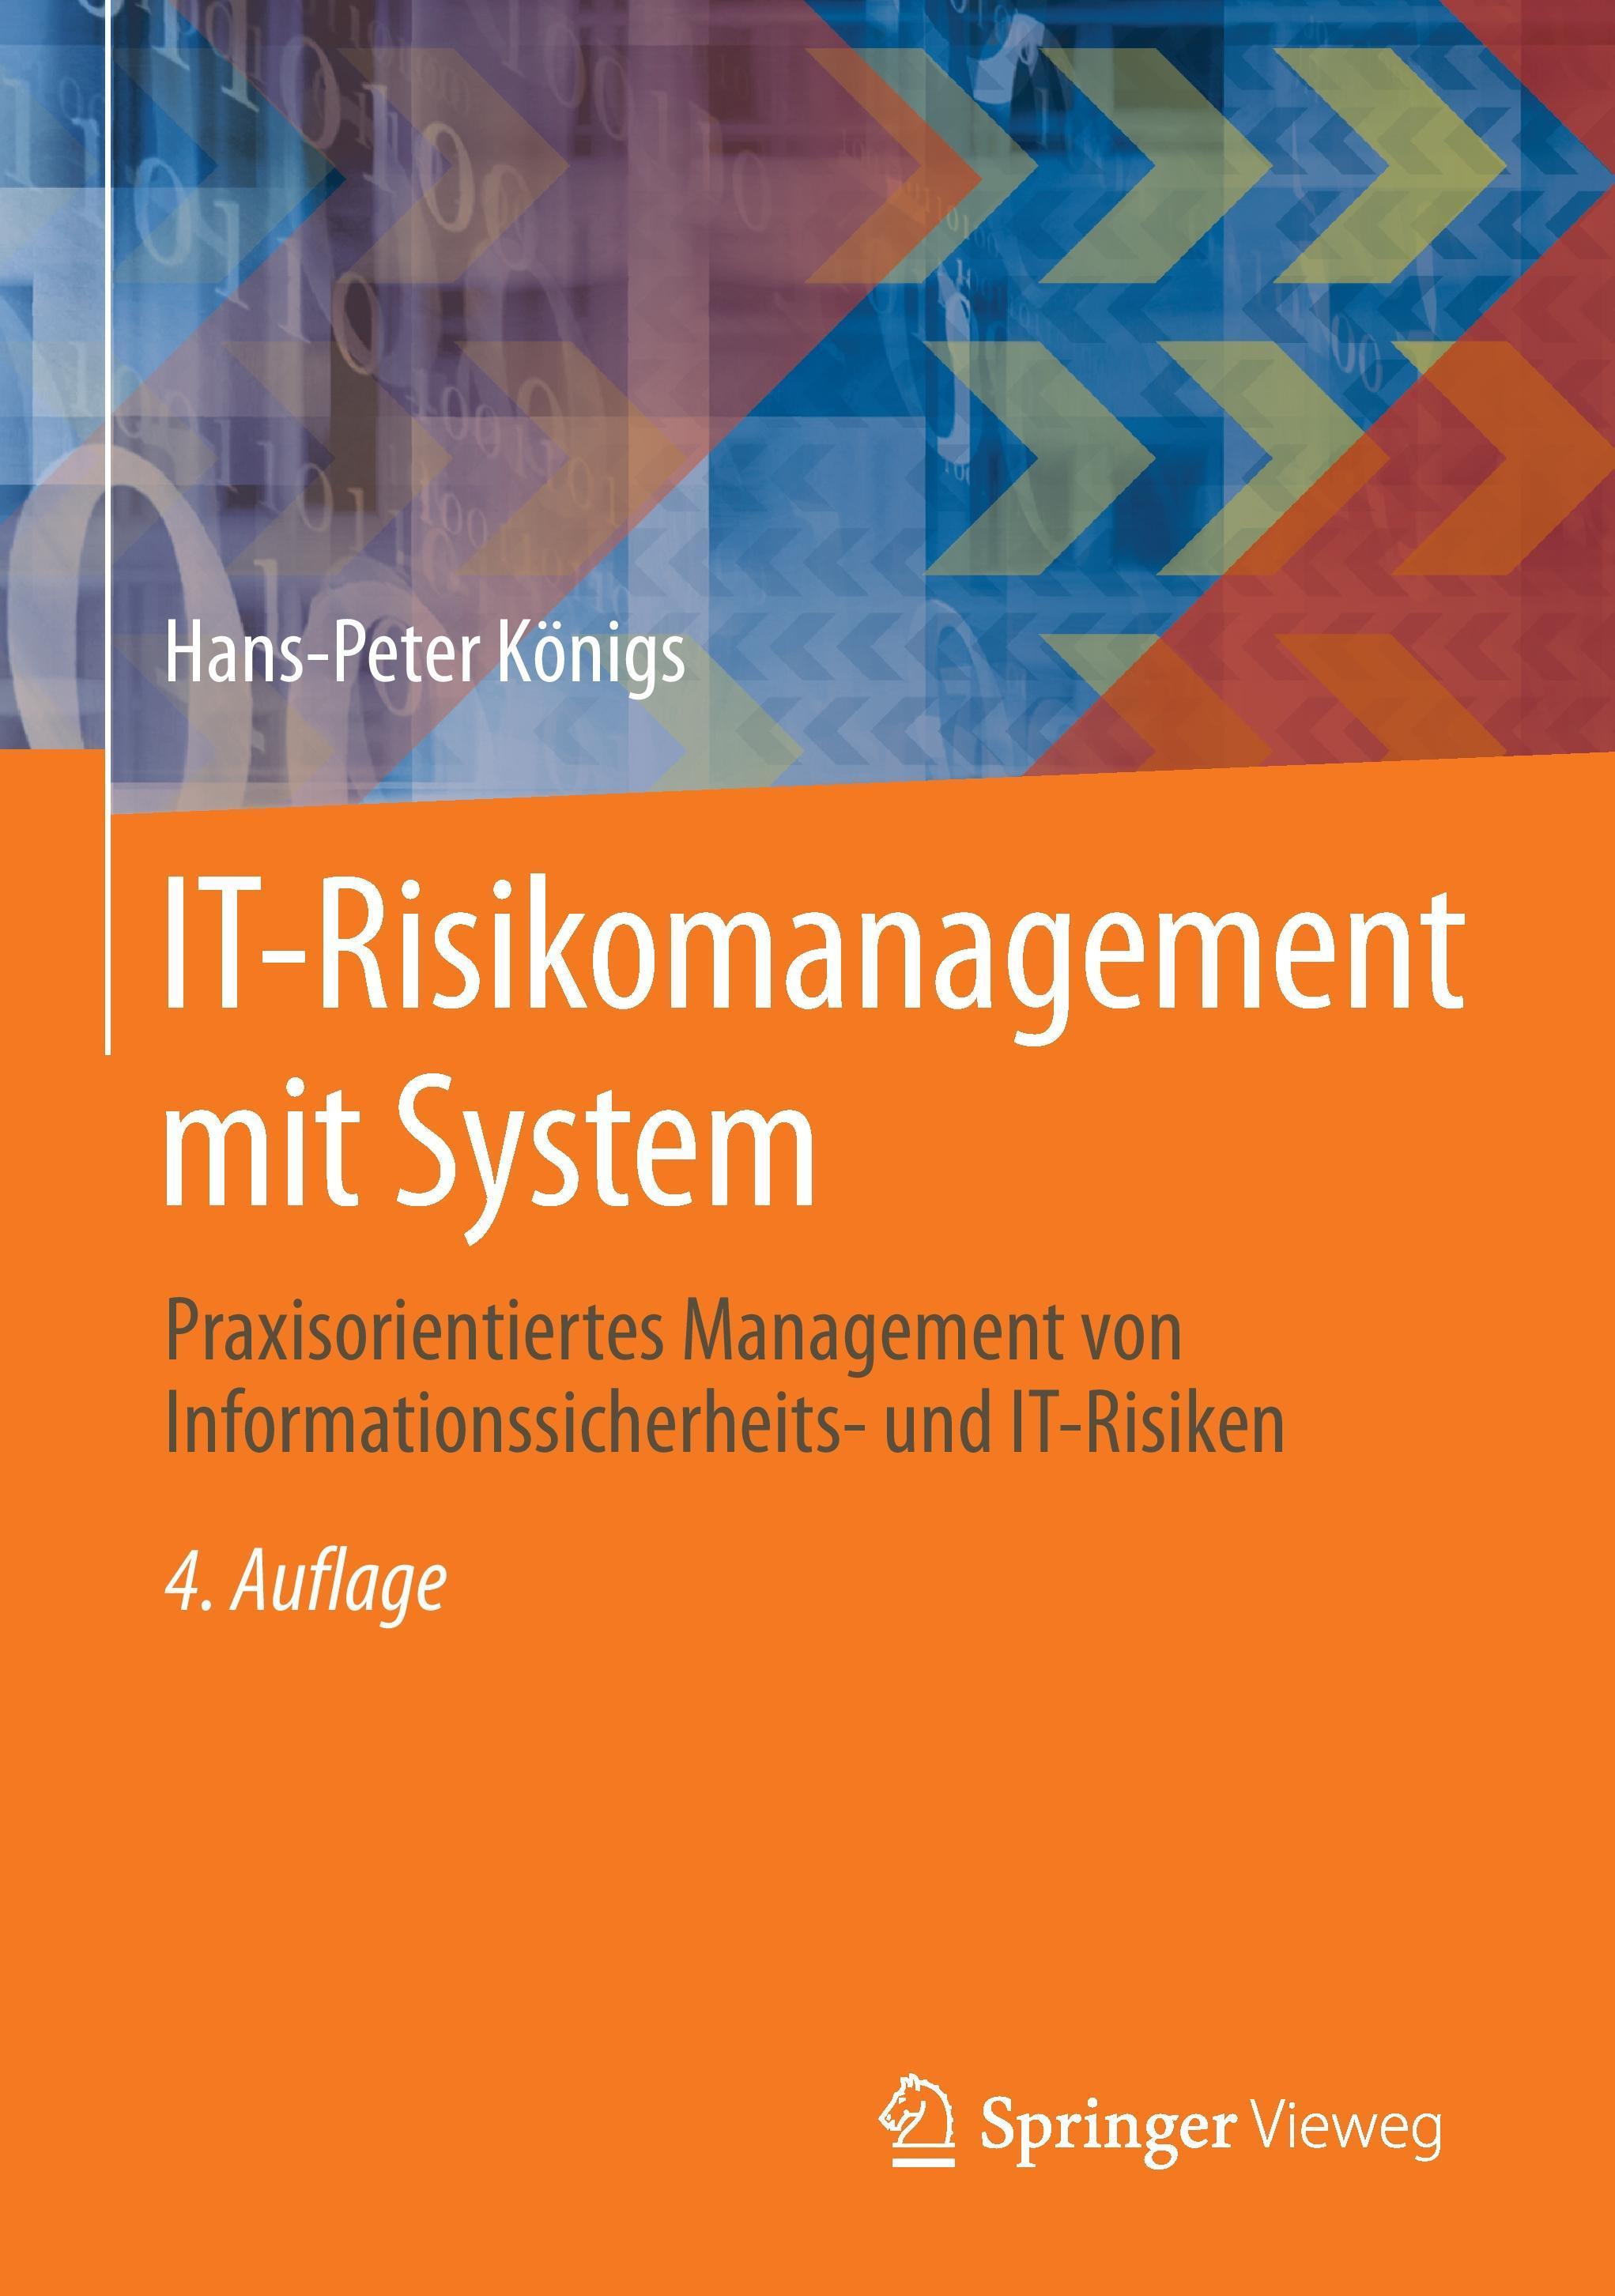 IT-Risikomanagement mit System Hans-Peter Königs